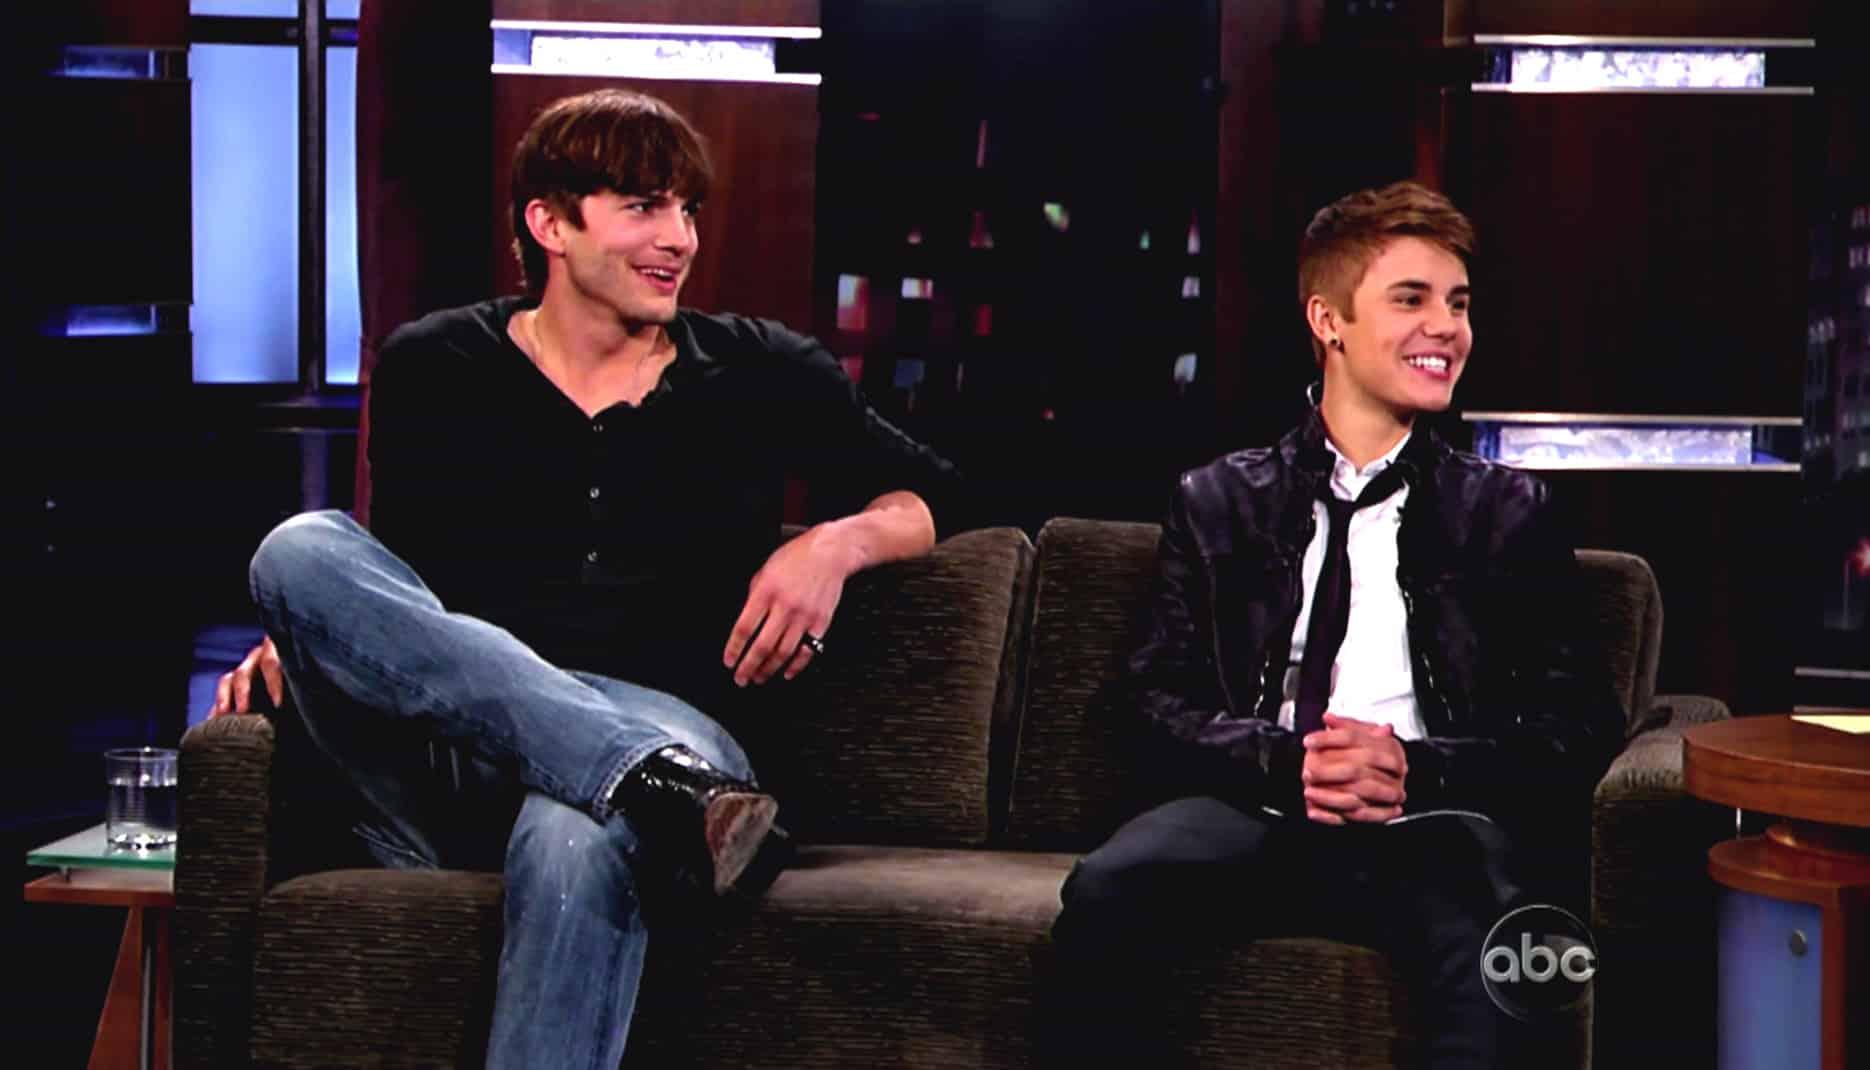 Ashton Kutcher and Justin Bieber